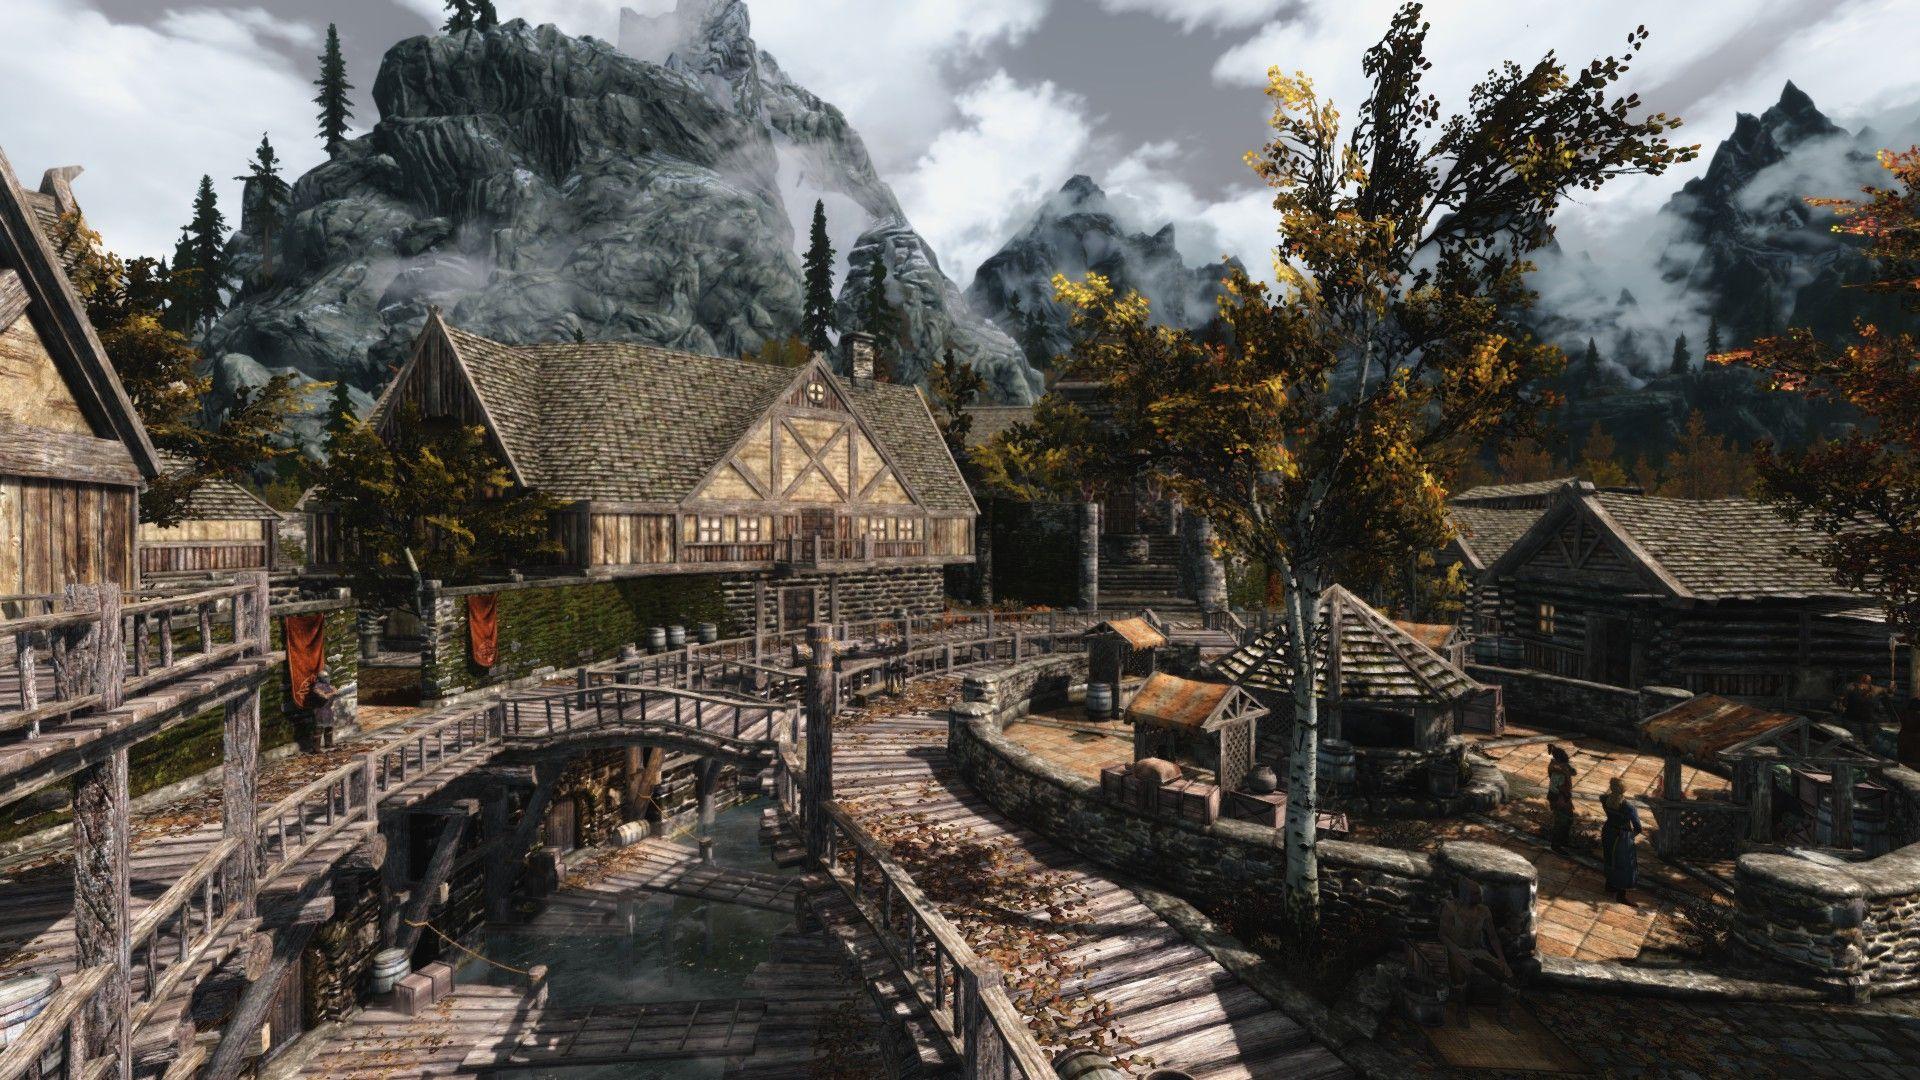 Autumn In Riften Wait Who Am I Kidding It S Always Autumn In Riften R Skyrim Elder Scrolls V Skyrim Elder Scrolls Skyrim Fantasy Landscape